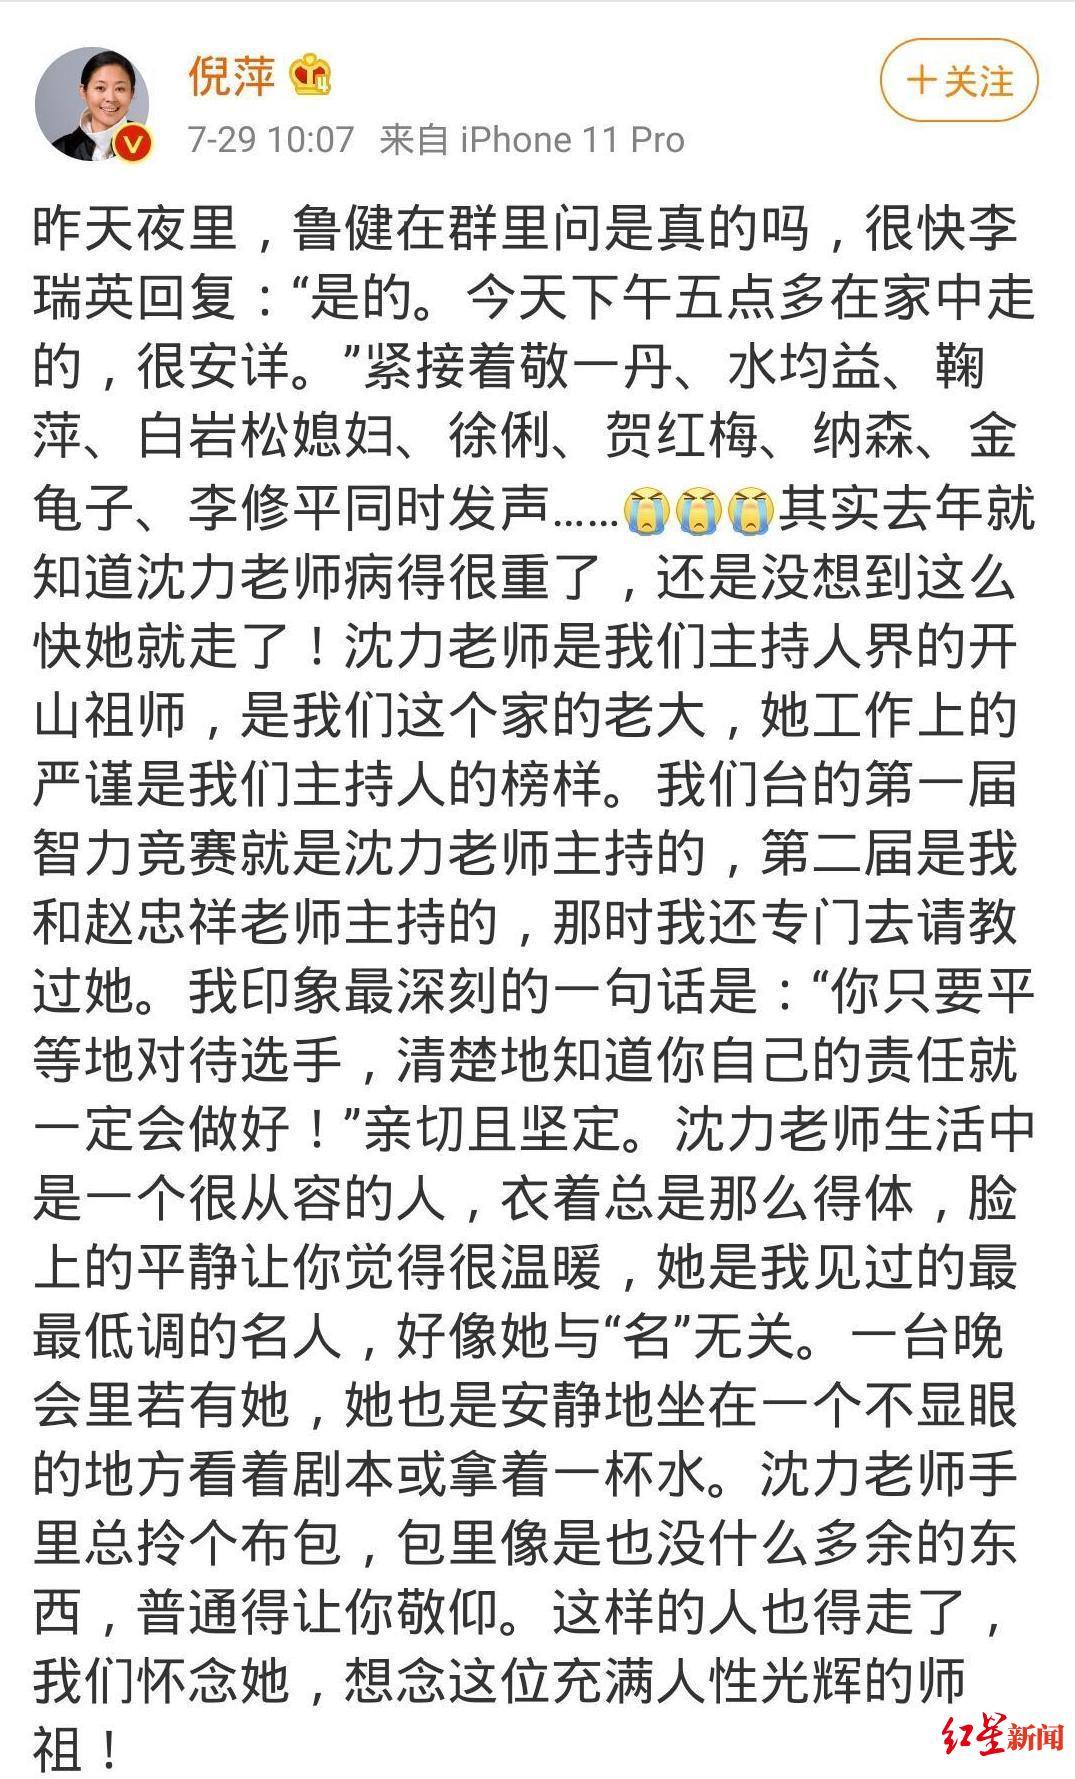 [赢咖3娱乐]倪赢咖3娱乐萍朱军杨澜等缅图片